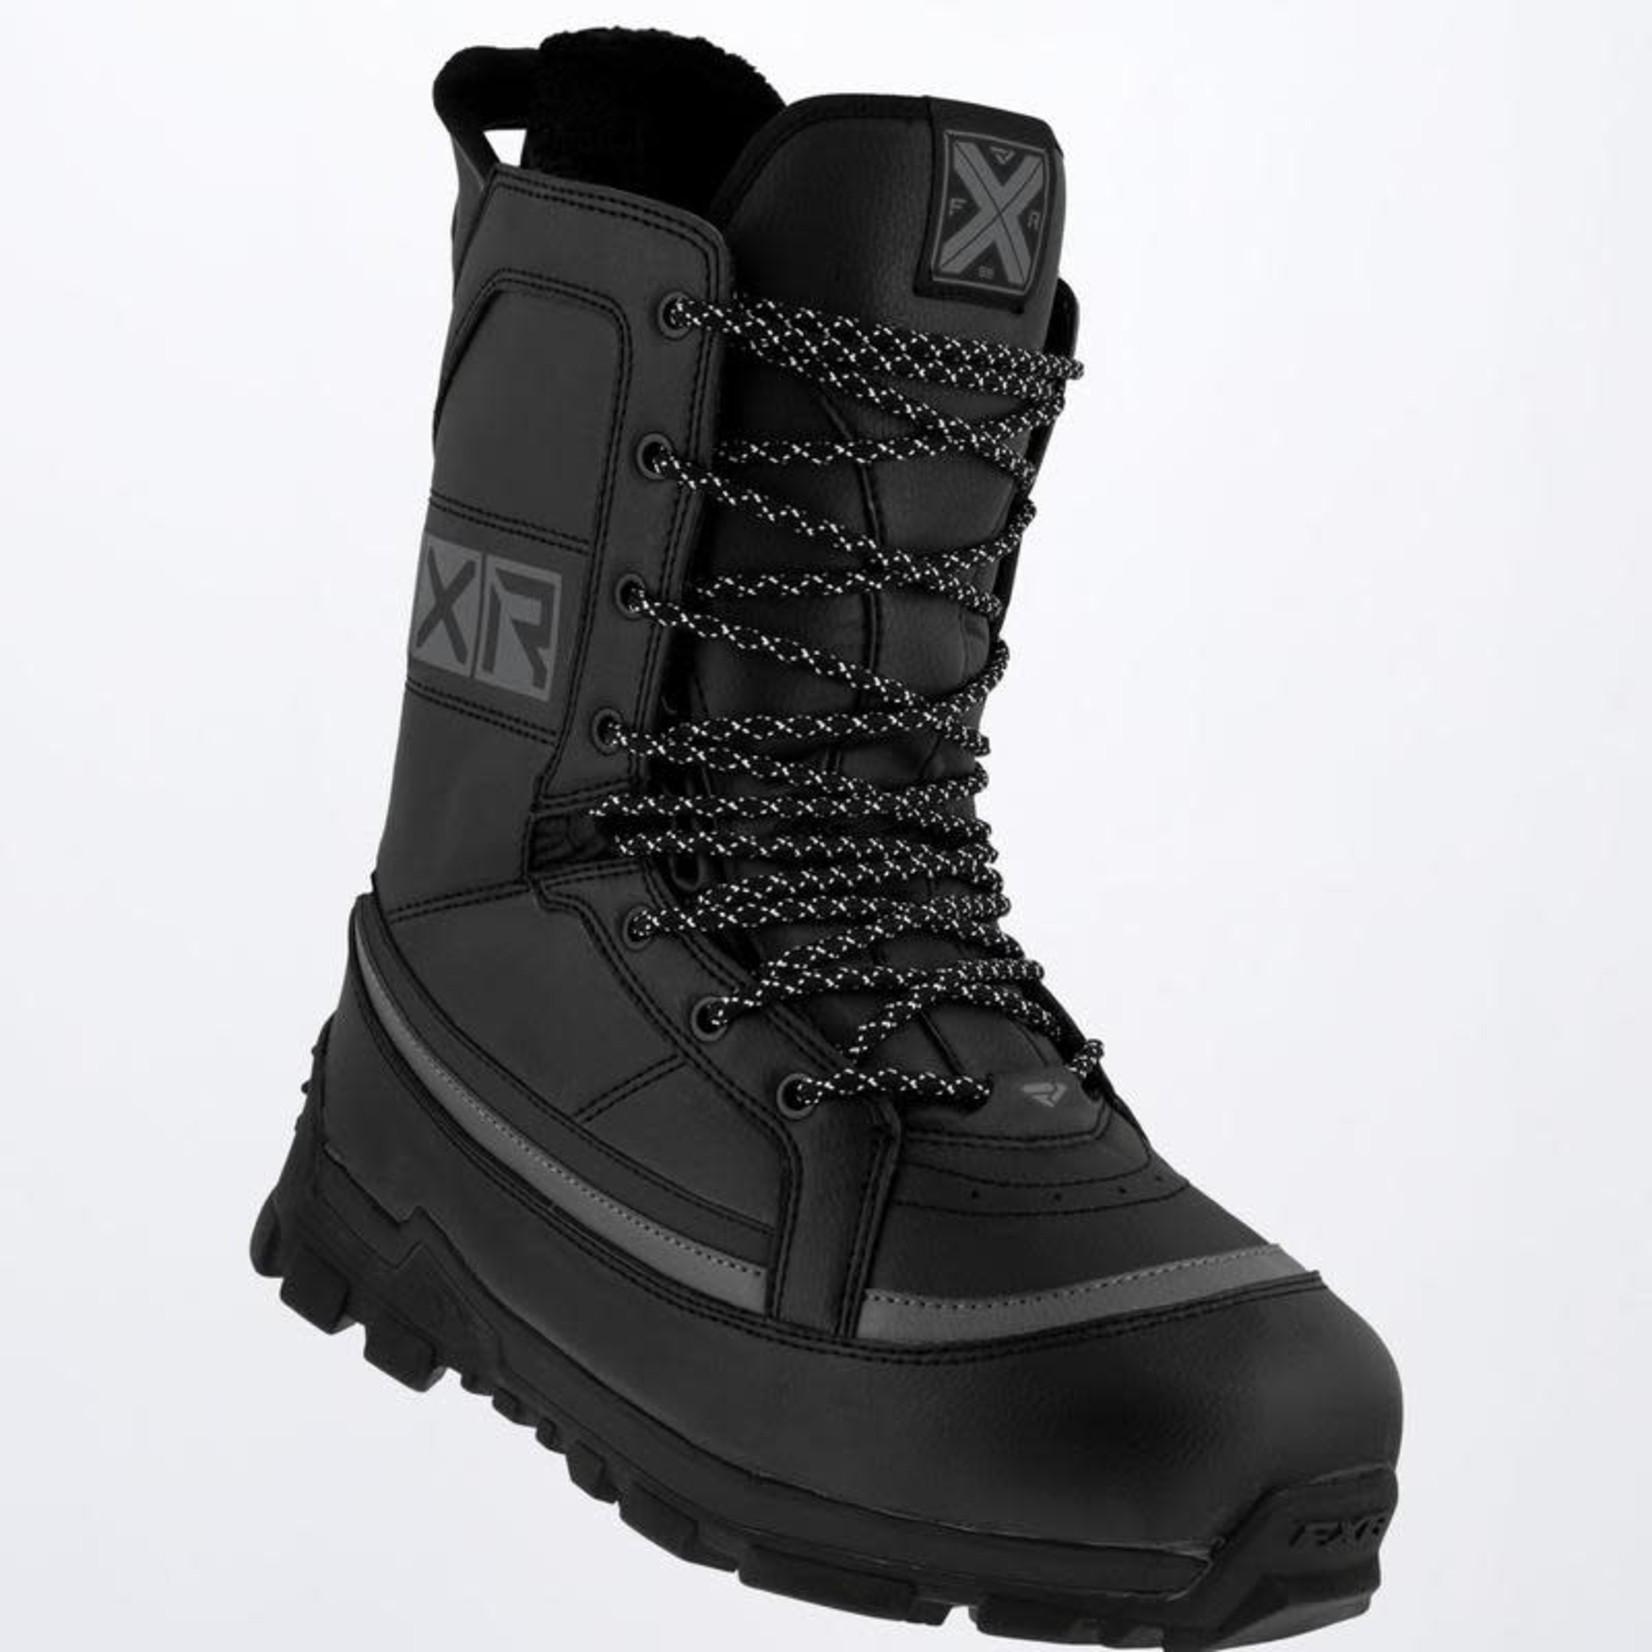 FXR FXR Boots, Transfer, Mens